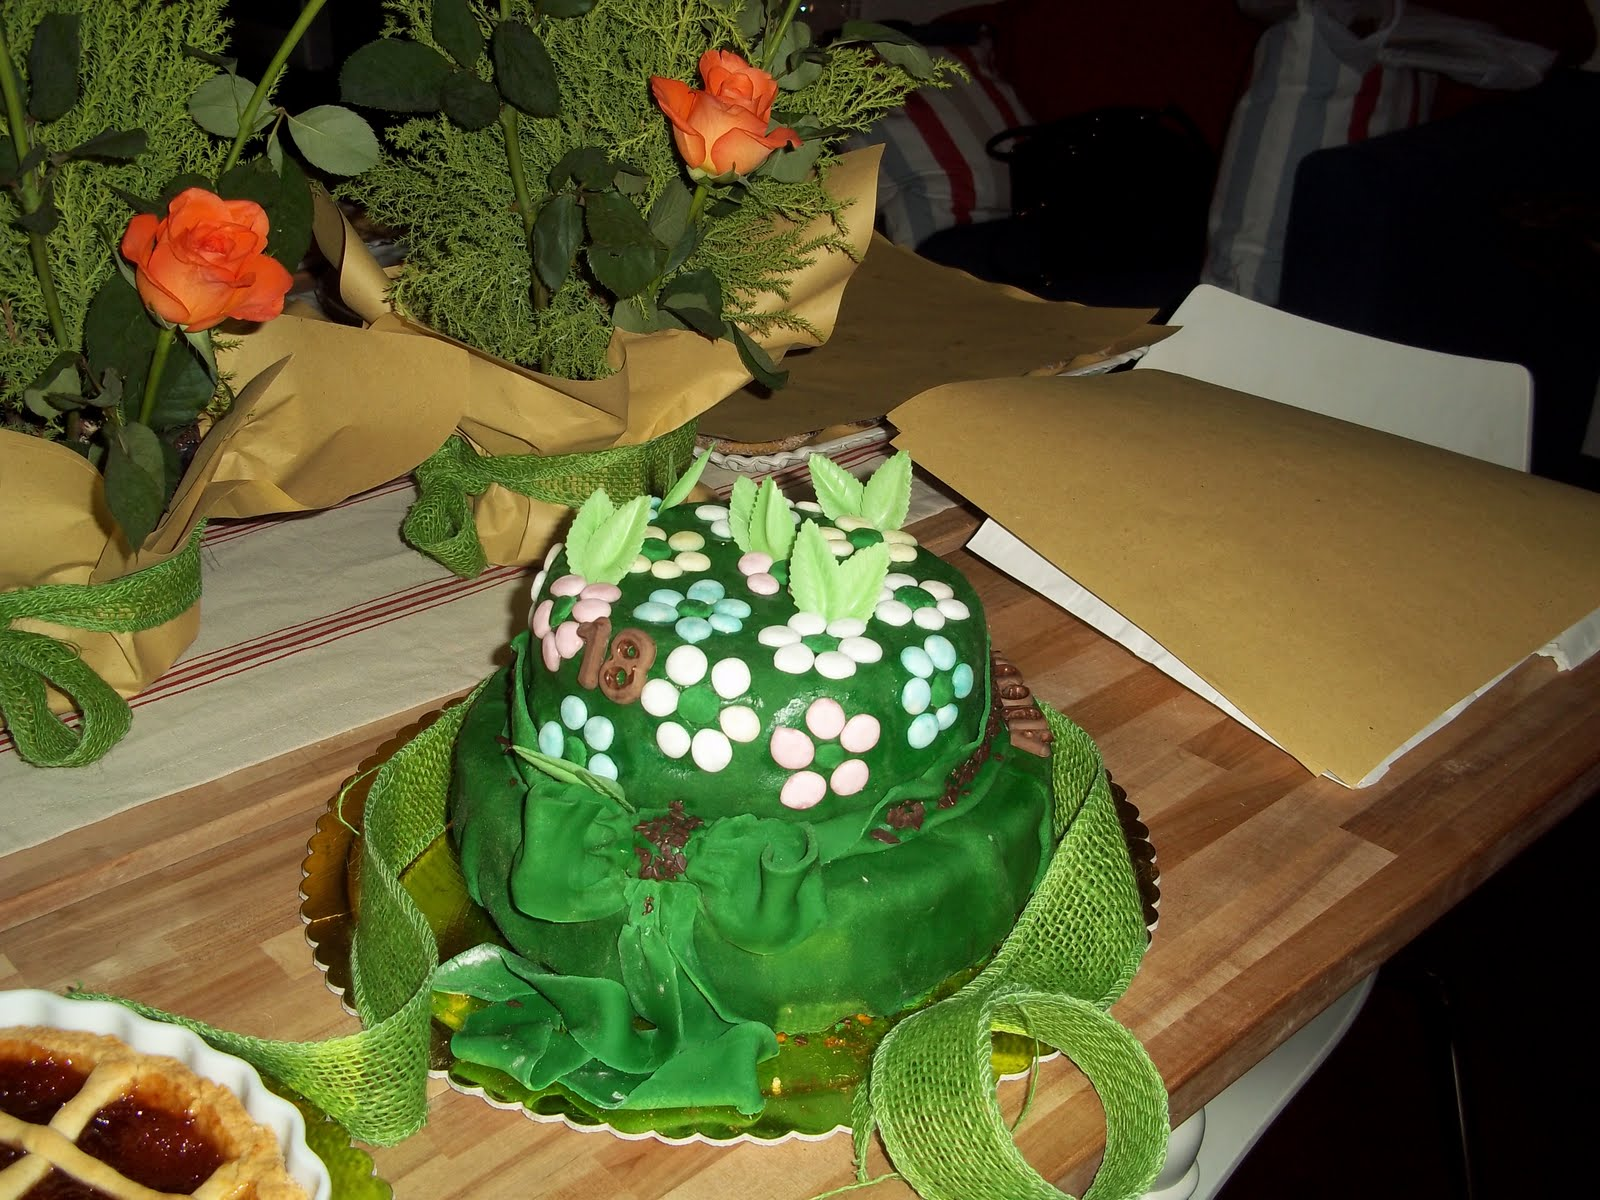 Officina culinaria buon compleanno amore mio for Officina culinaria